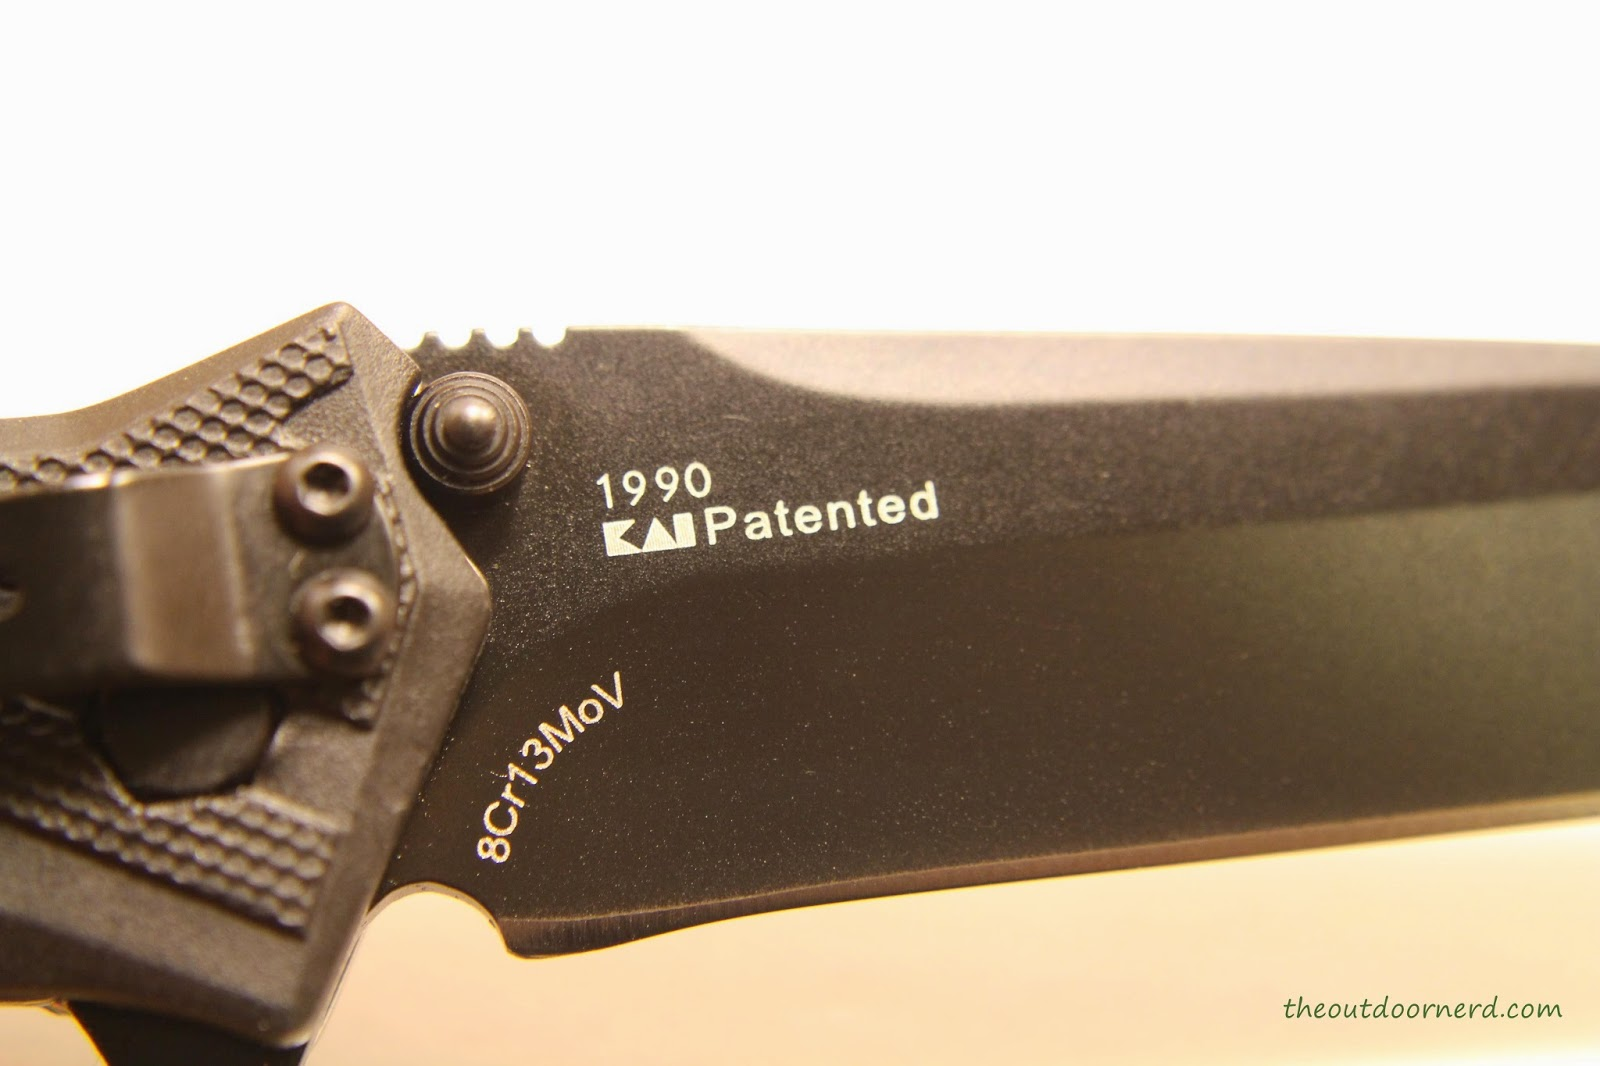 Kershaw Brawler Pocket Knife Close Up Of Kershaw Logo